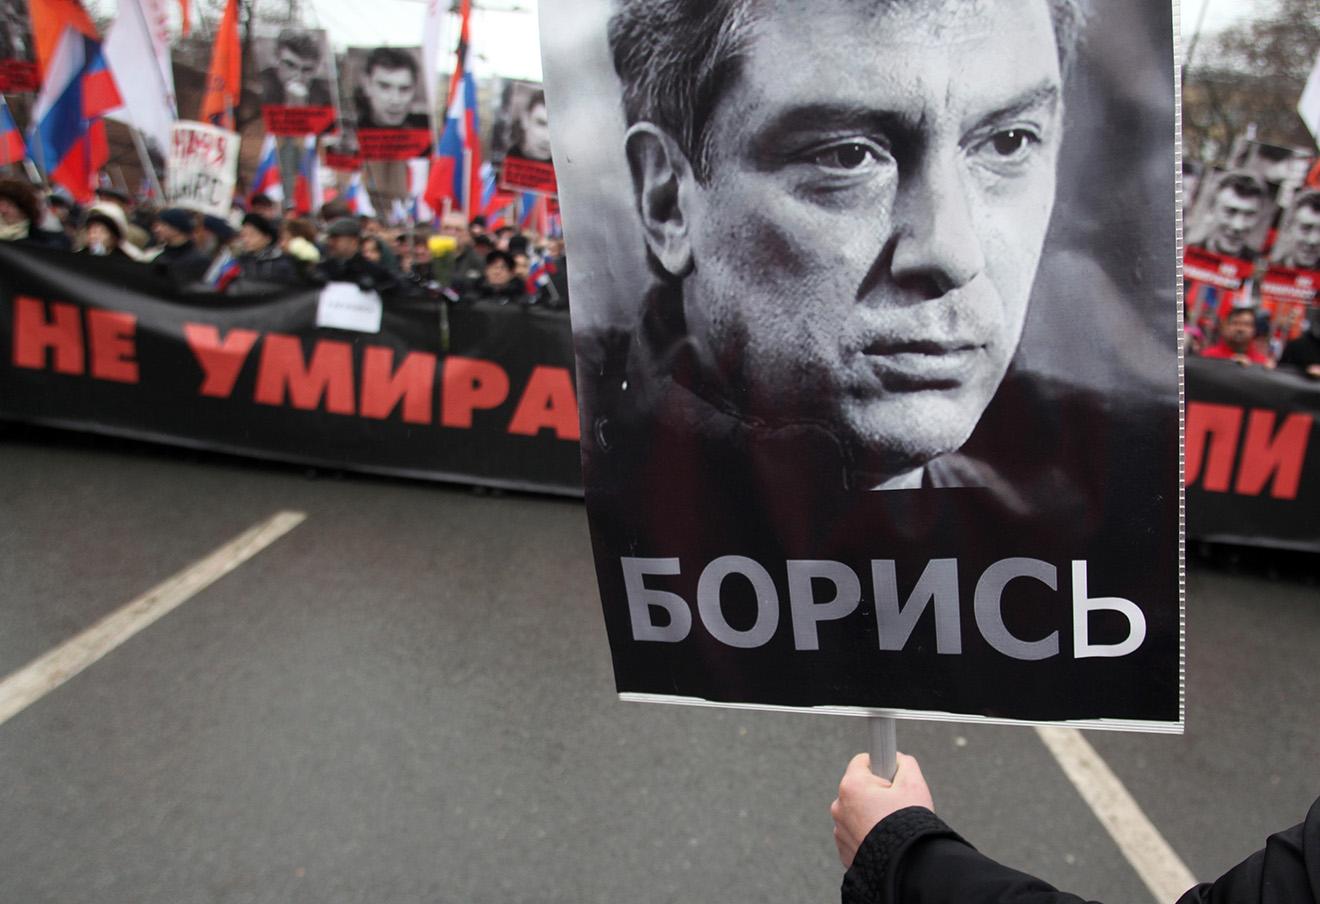 Шествие в память о Борисе Немцове в центре Москвы. Фото: Елена Пальм / ТАСС